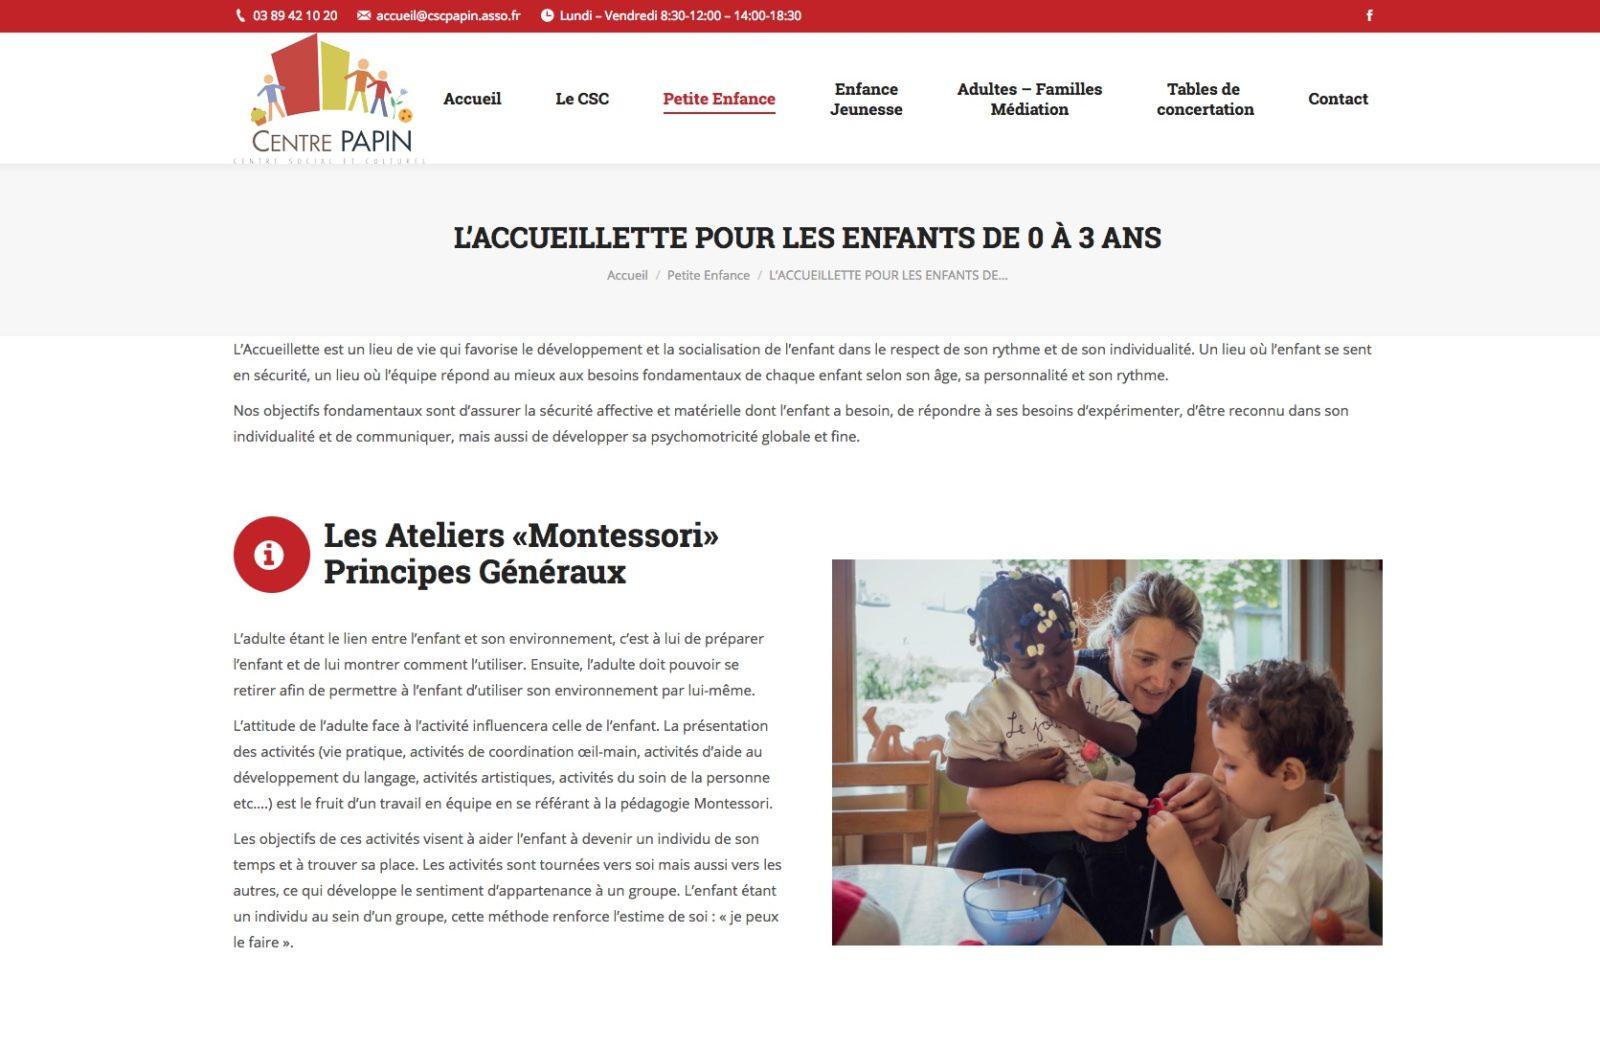 centre papin, accueillette pour les enfants, client Karedess Agency expert wordpress à Mulhouse